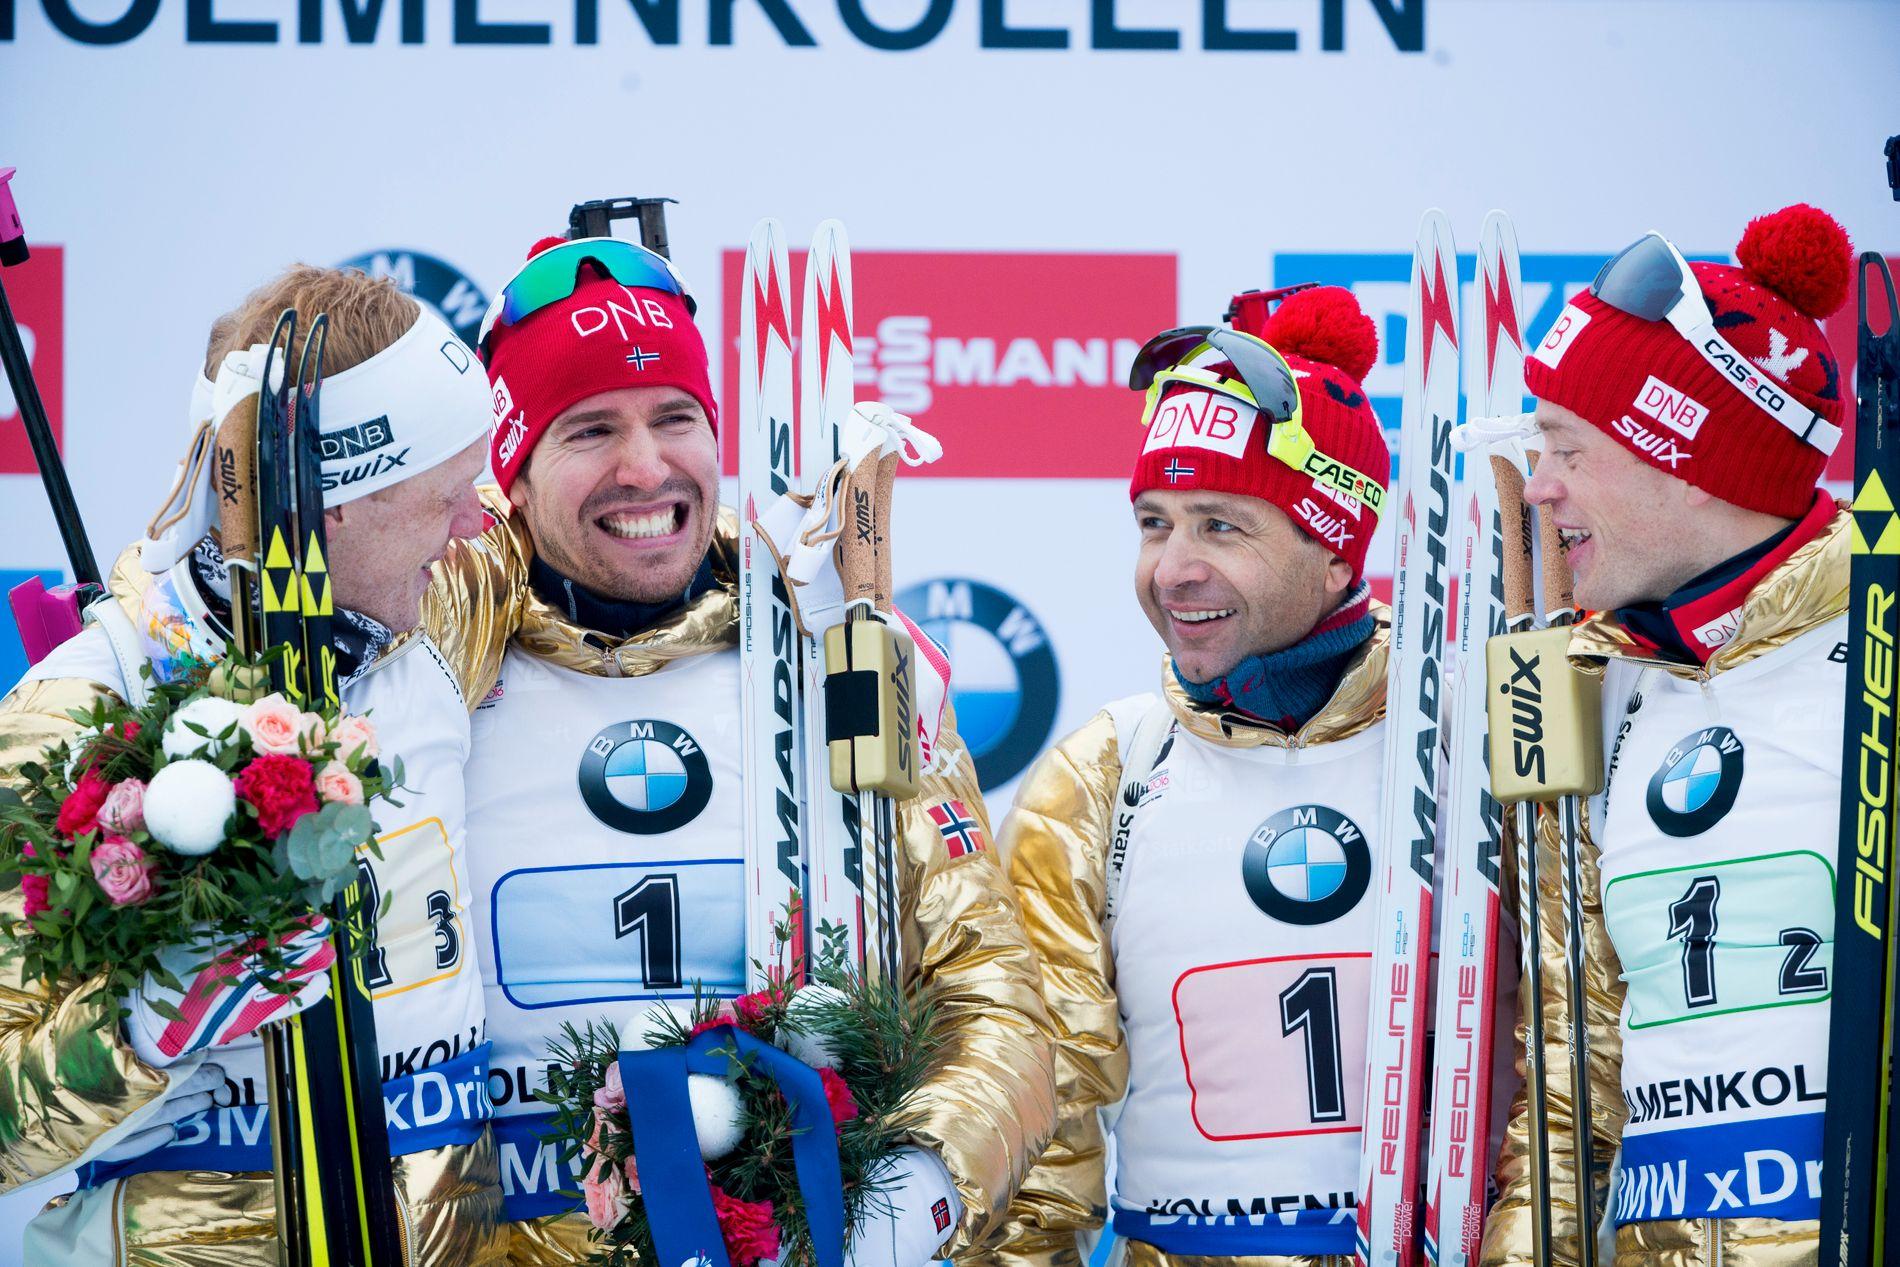 GULLGUTTER: Fire har nå blitt til to, etter at både Emil Hegle Svendsen (i midten t.v.) og Ole Einar Bjørndalen (i midten t.h.) har valgt å legge opp som skiskyttere. Her har de vunnet gullet på stafetten under VM i Oslo i 2016.